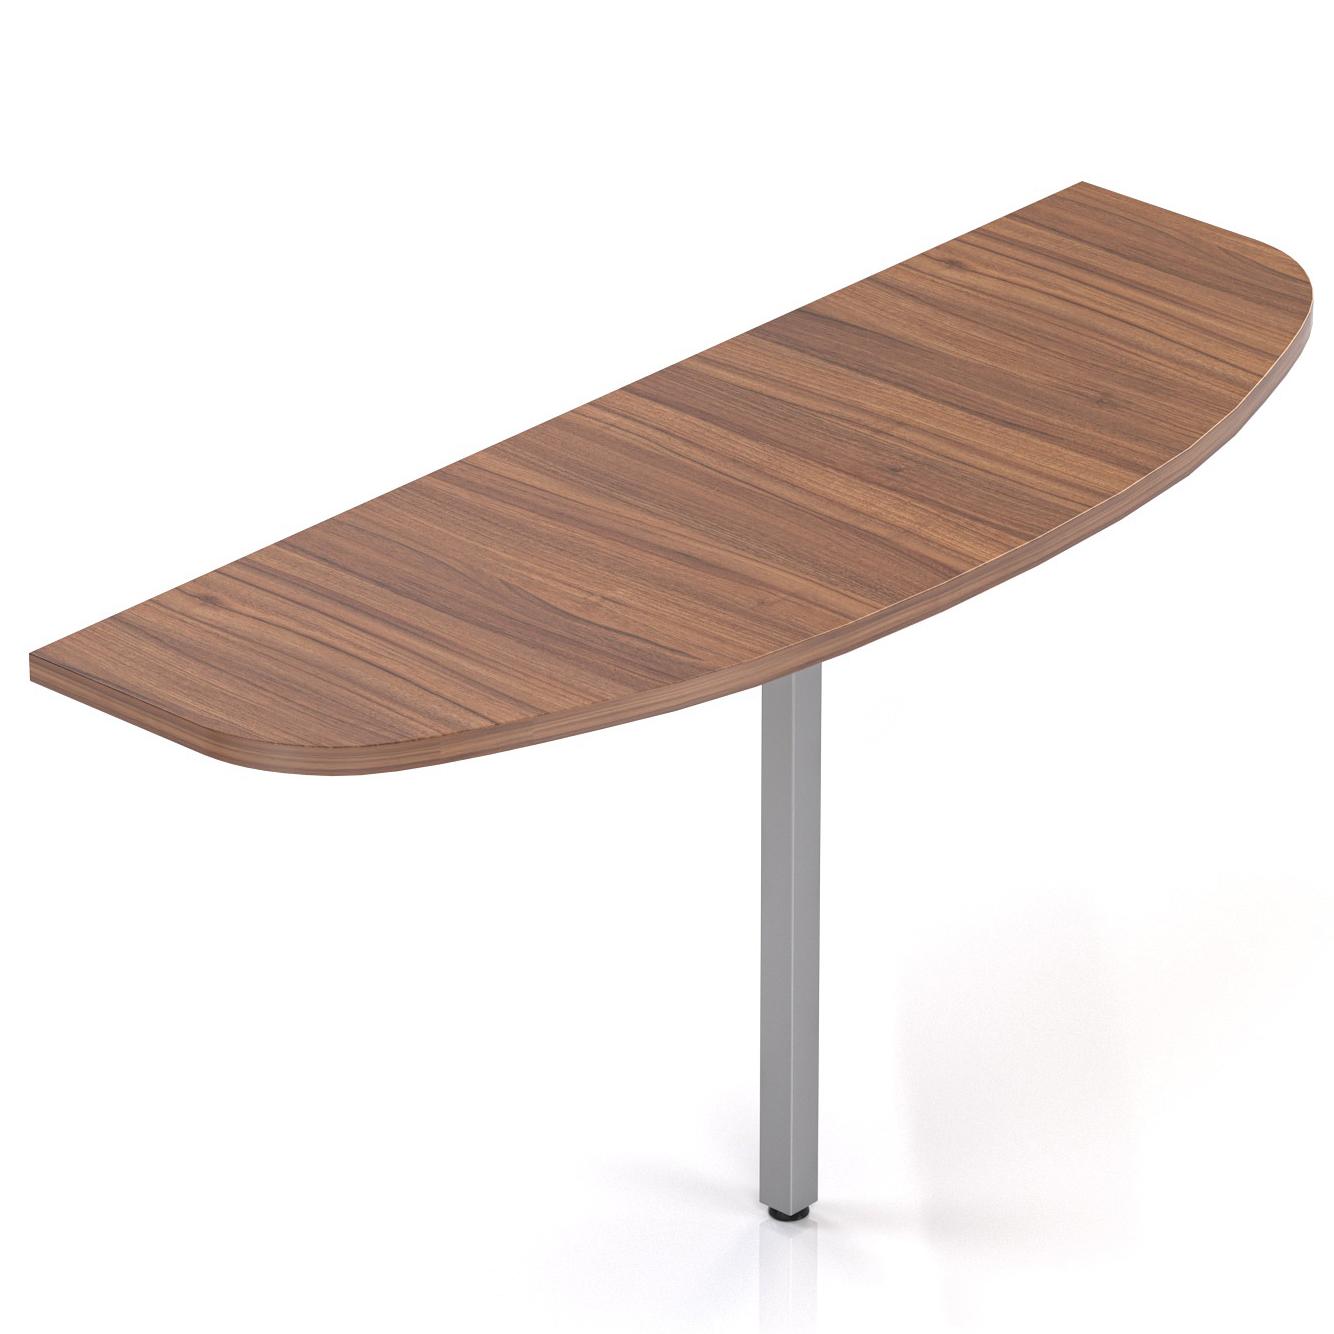 Přístavný stůl Komfort 140x50 cm - PR71 19